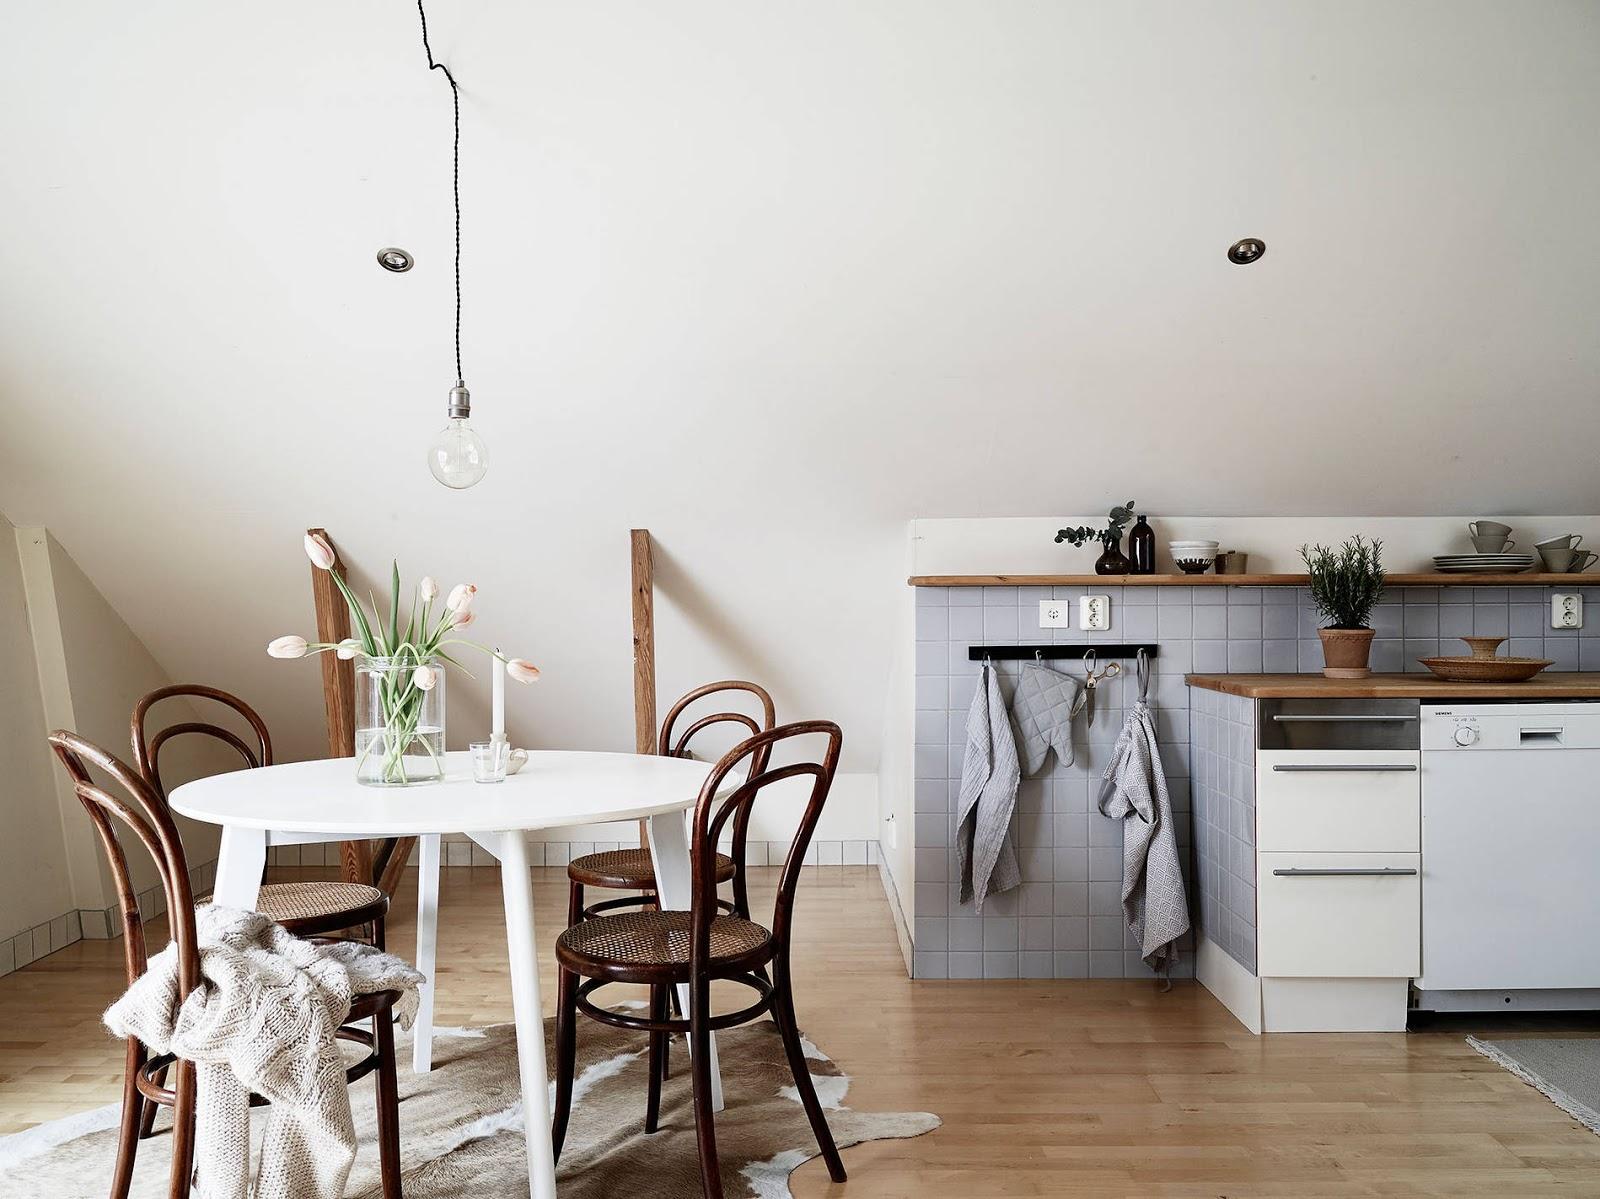 jadalnia z okrągłym stołem, okrągły stół dla 4 osób, jadalnia w stylu skandynawskim